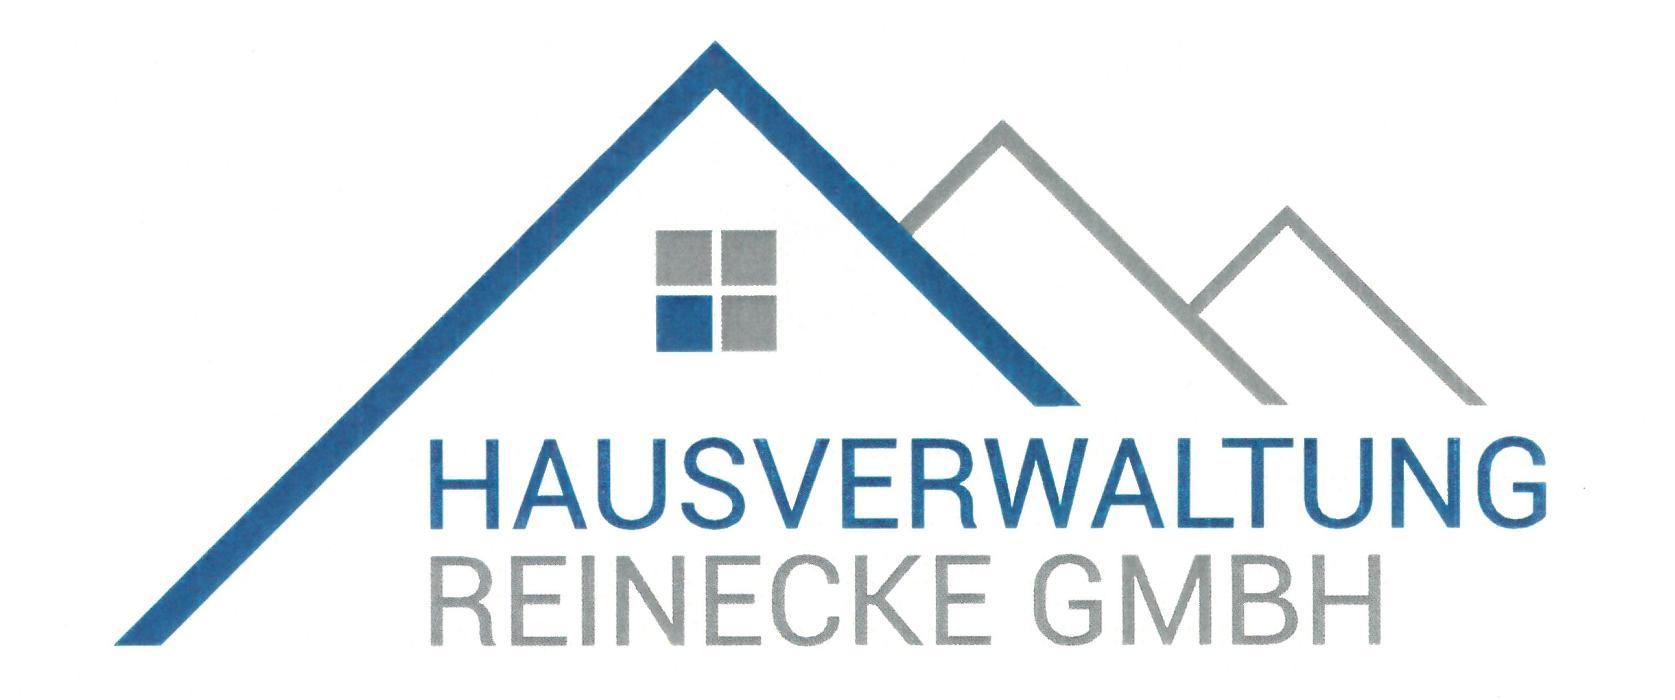 Bild zu Hausverwaltung Reinecke GmbH in Iserlohn